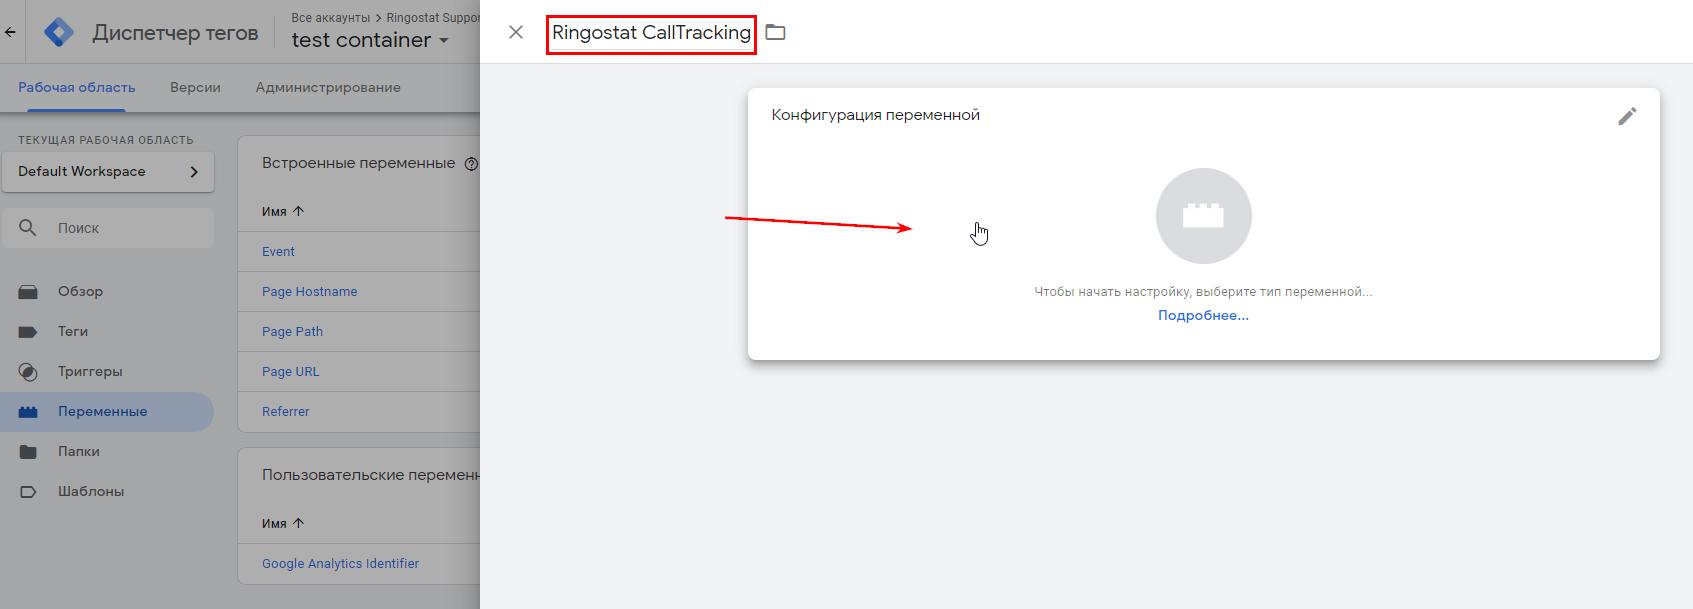 Конфигурация переменной ringostat calltracking